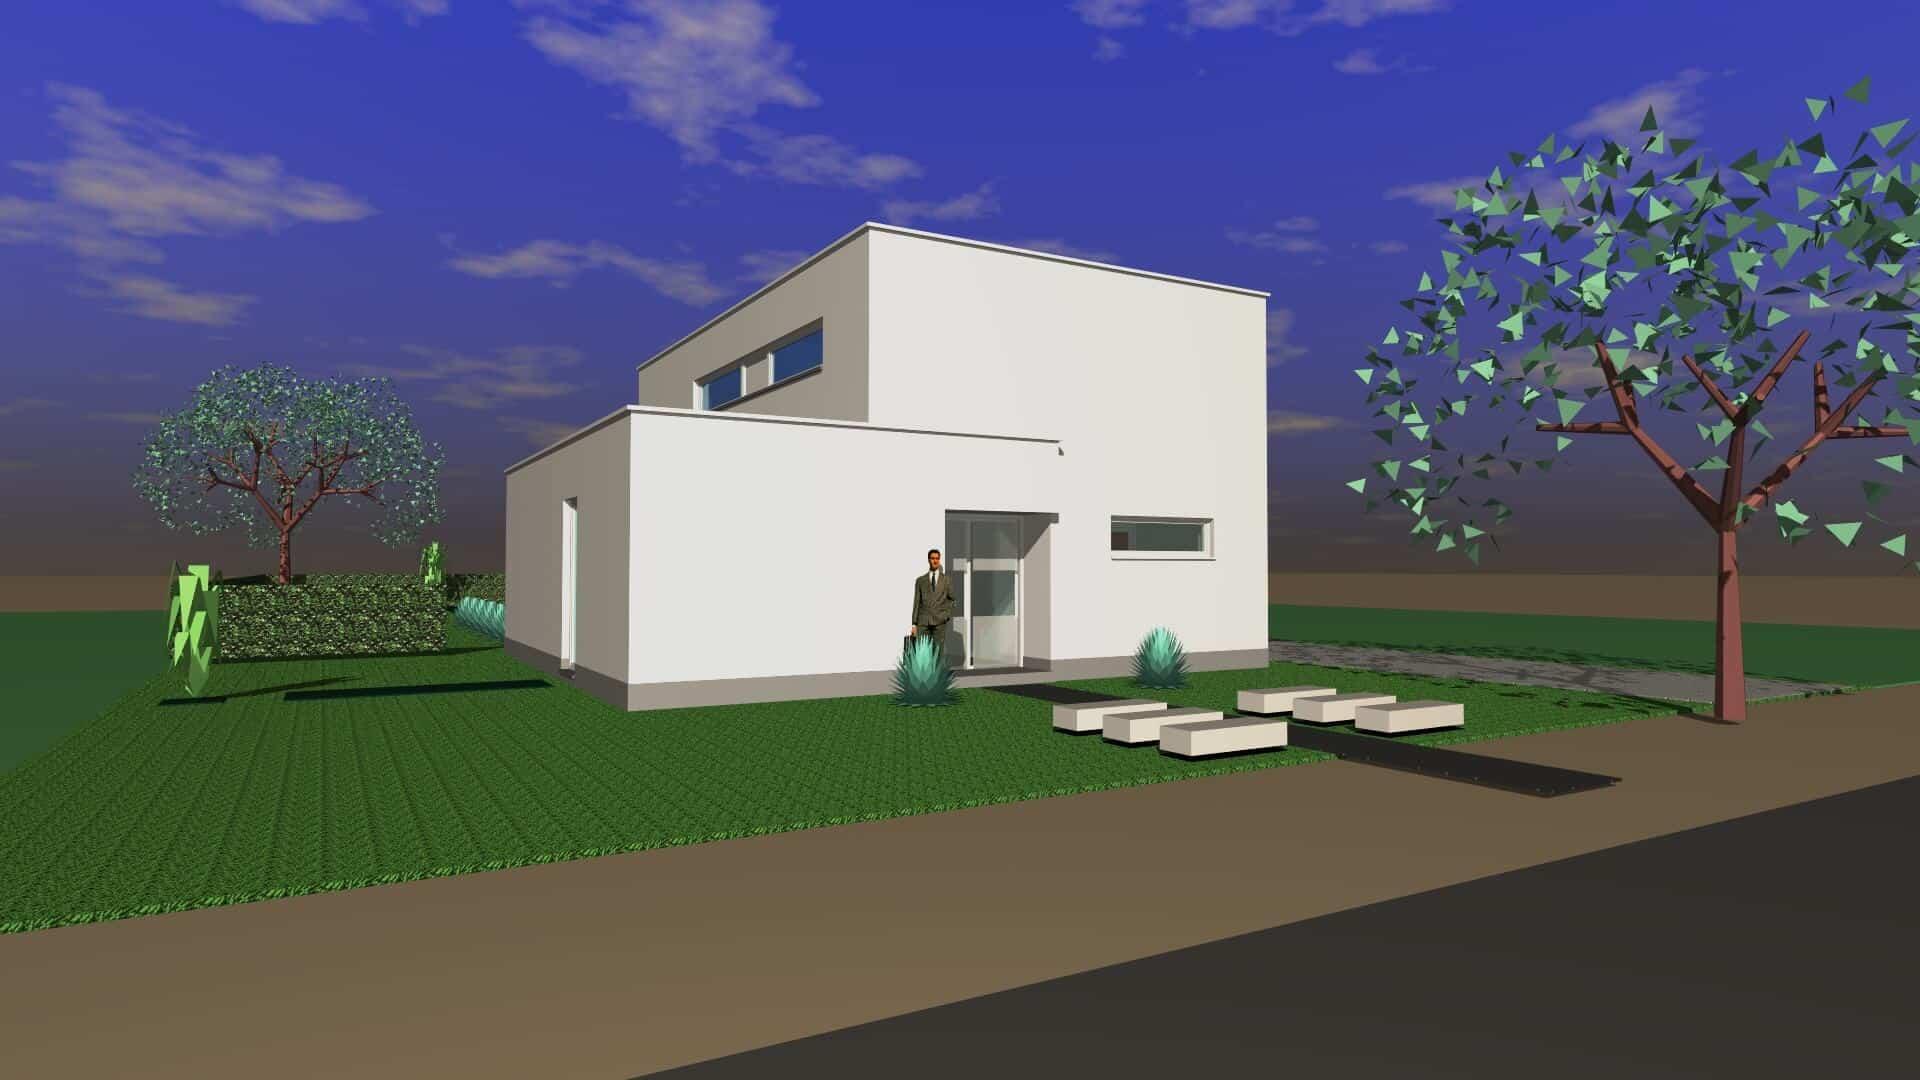 Detail afbeelding 2 van B & M   –   Strakke Gezinwoning   –   Genk | Ontwerp door architect Patrick Strackx